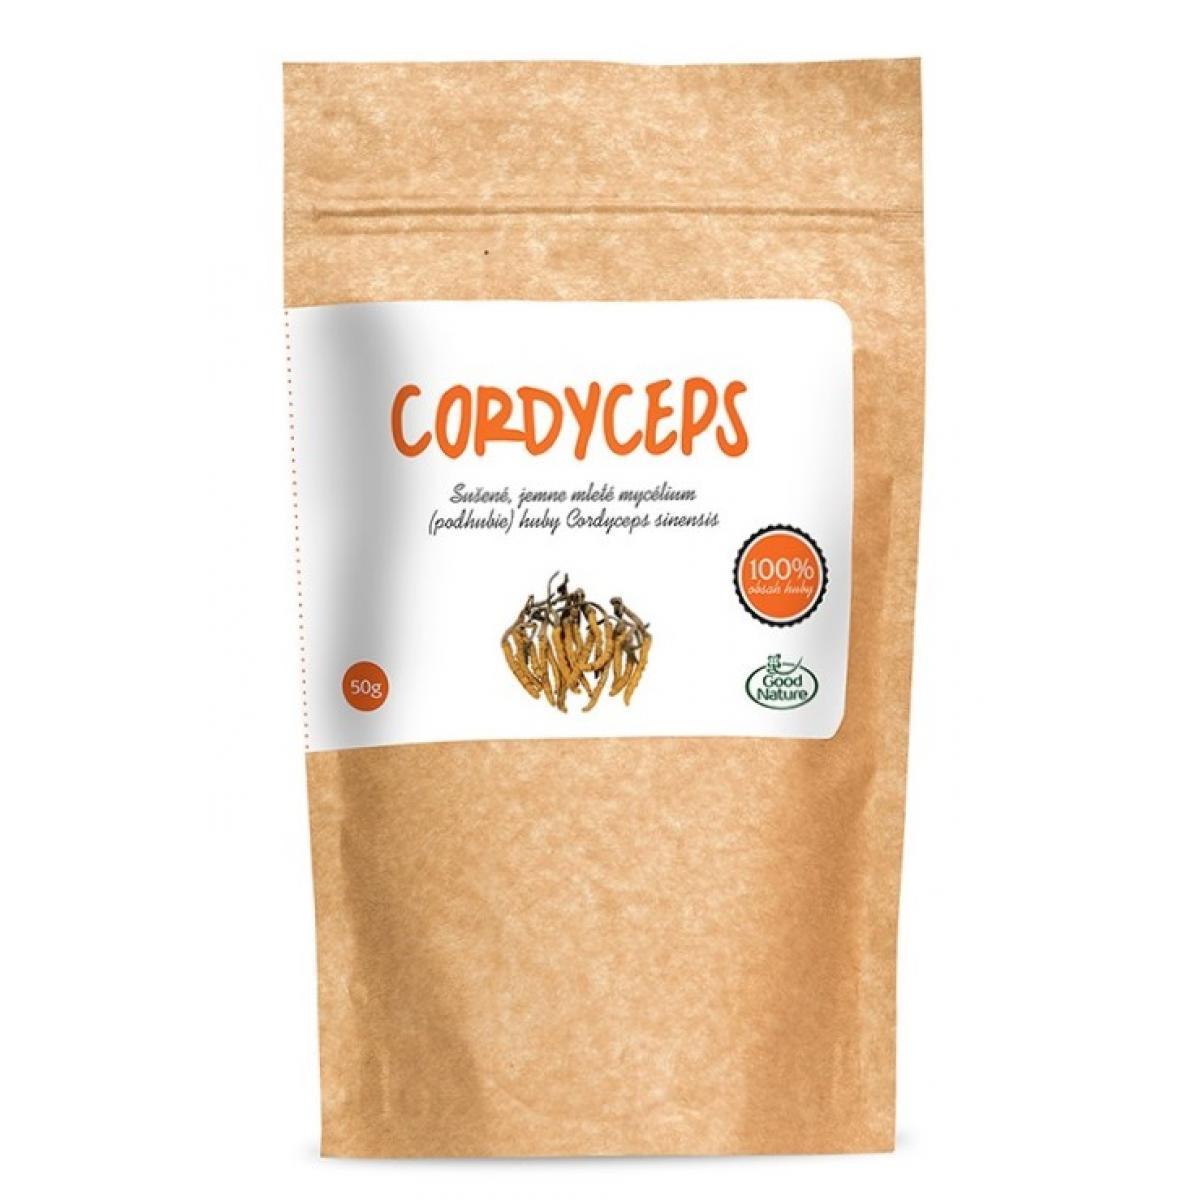 Cordyceps - prášok z mycélia (podhubia) - 50 g